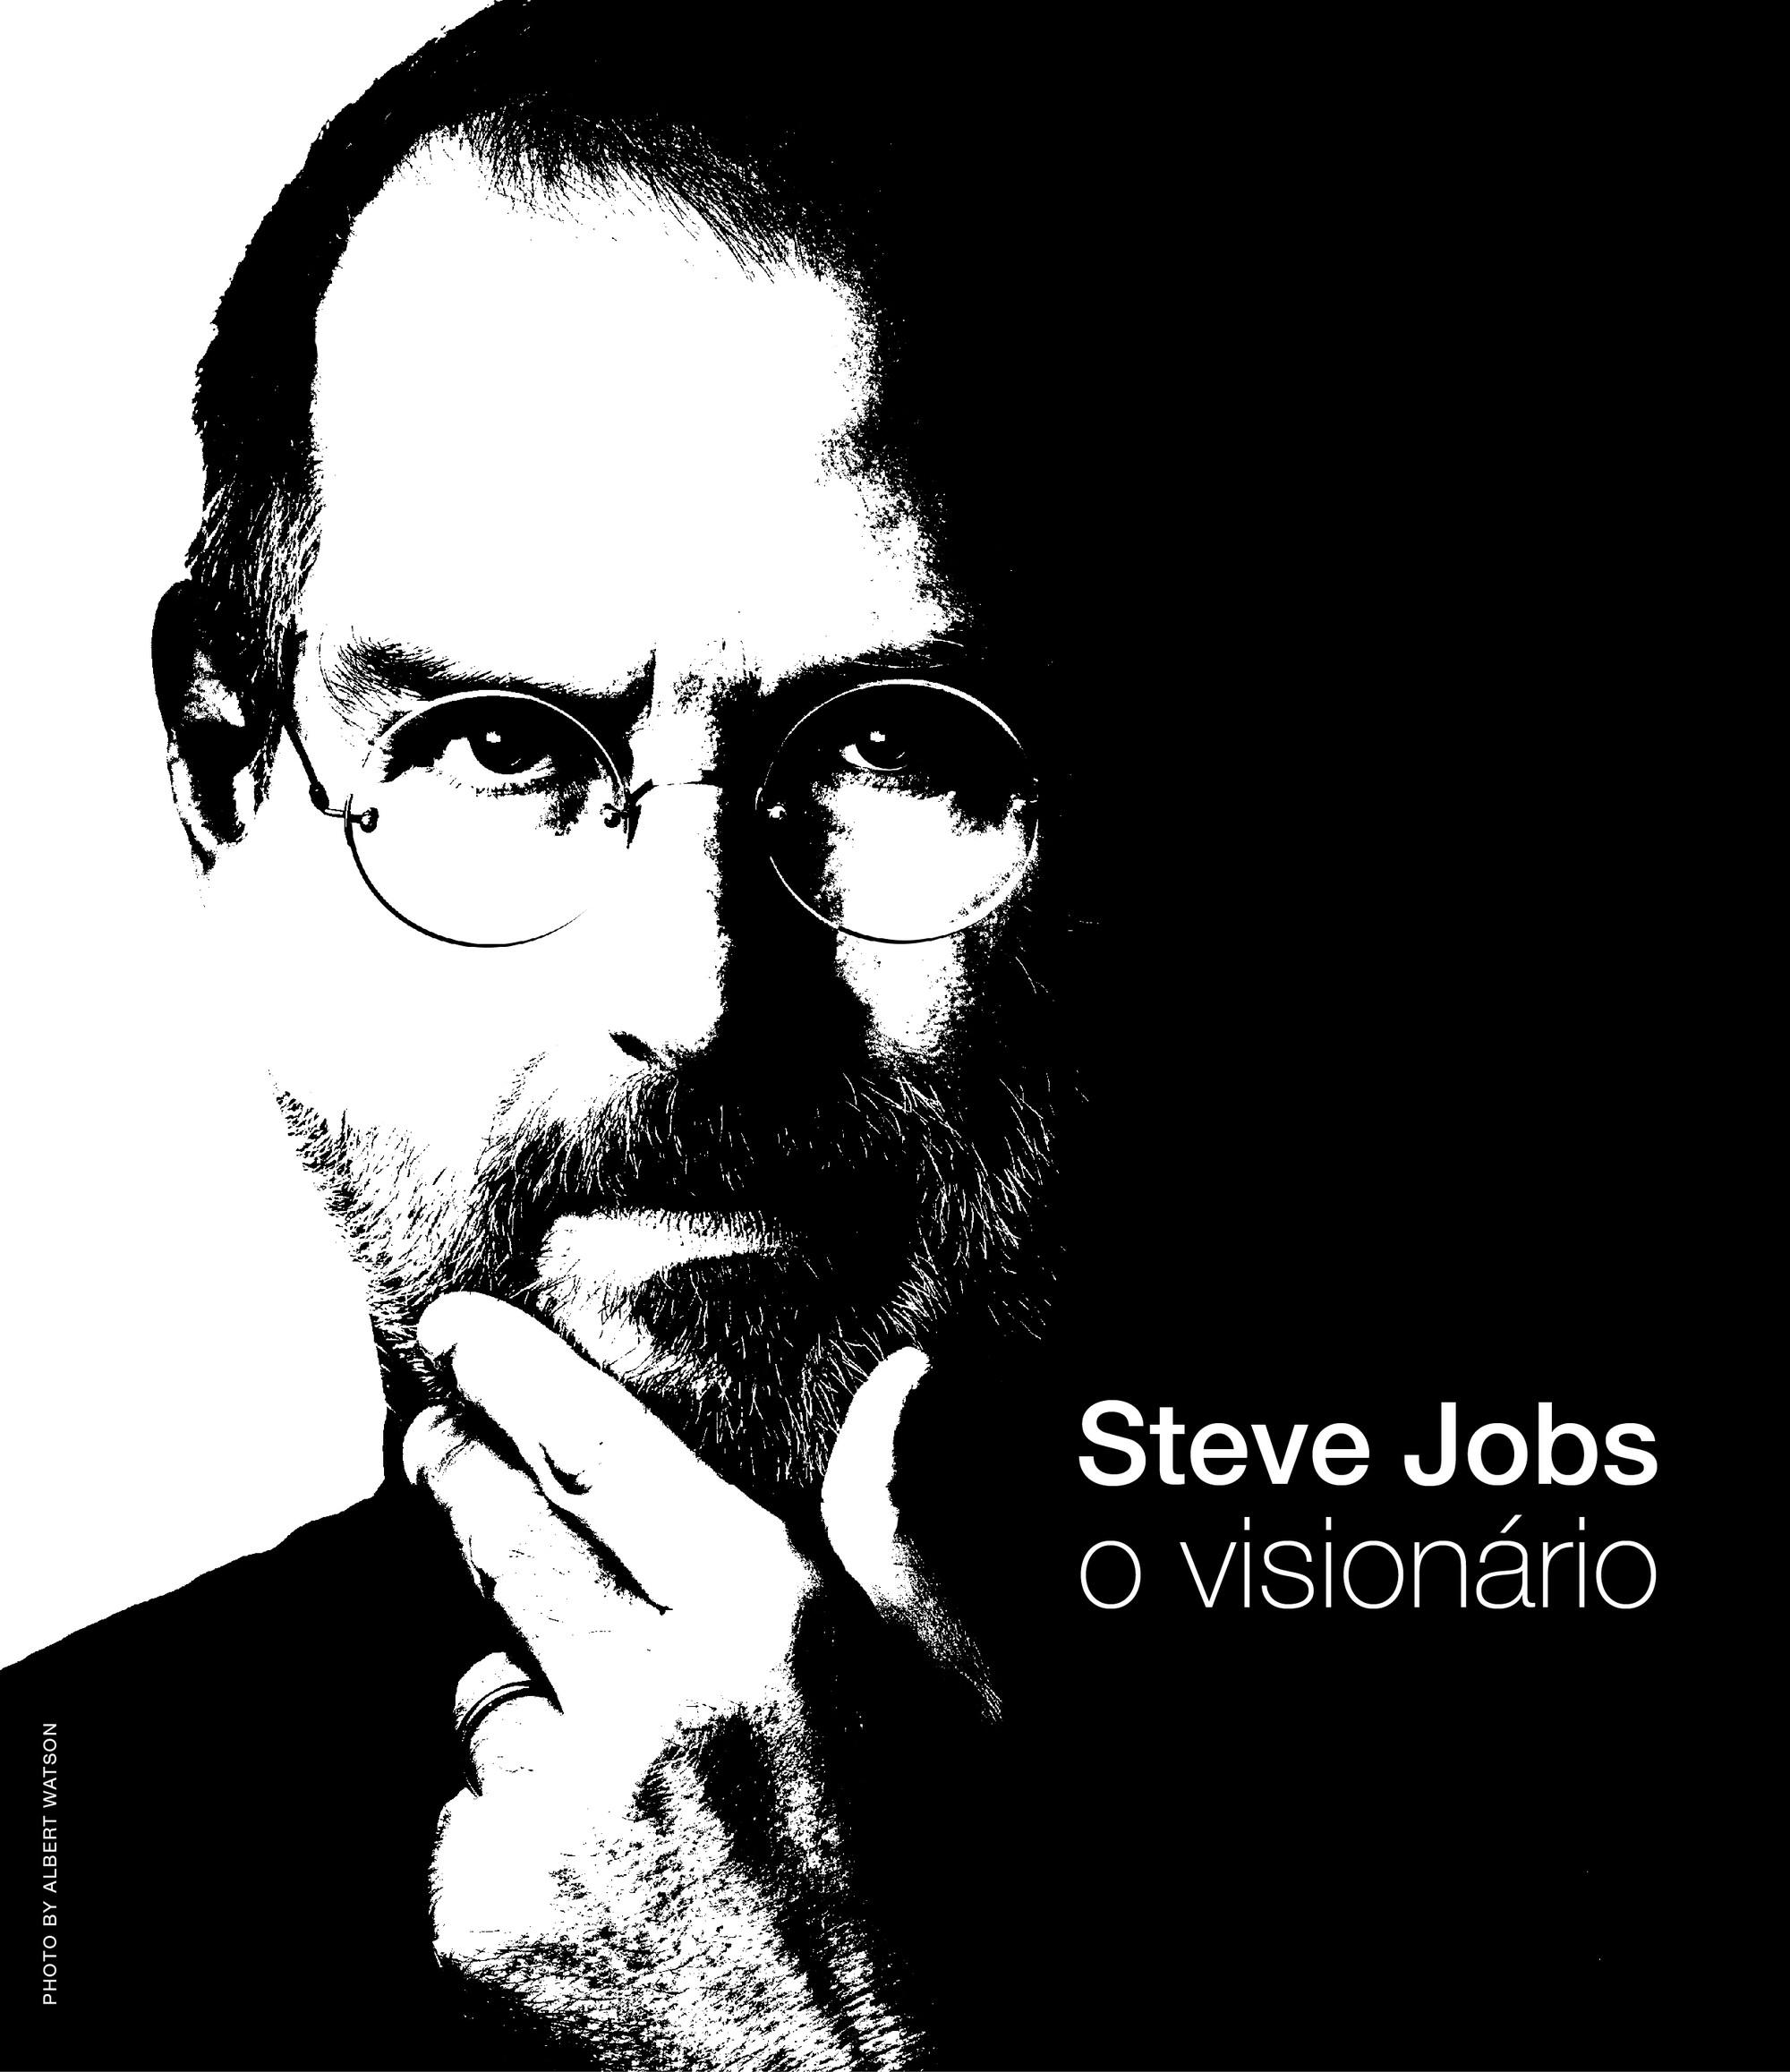 """Cartaz da exposição """"Steve Jobs, o visionário"""""""